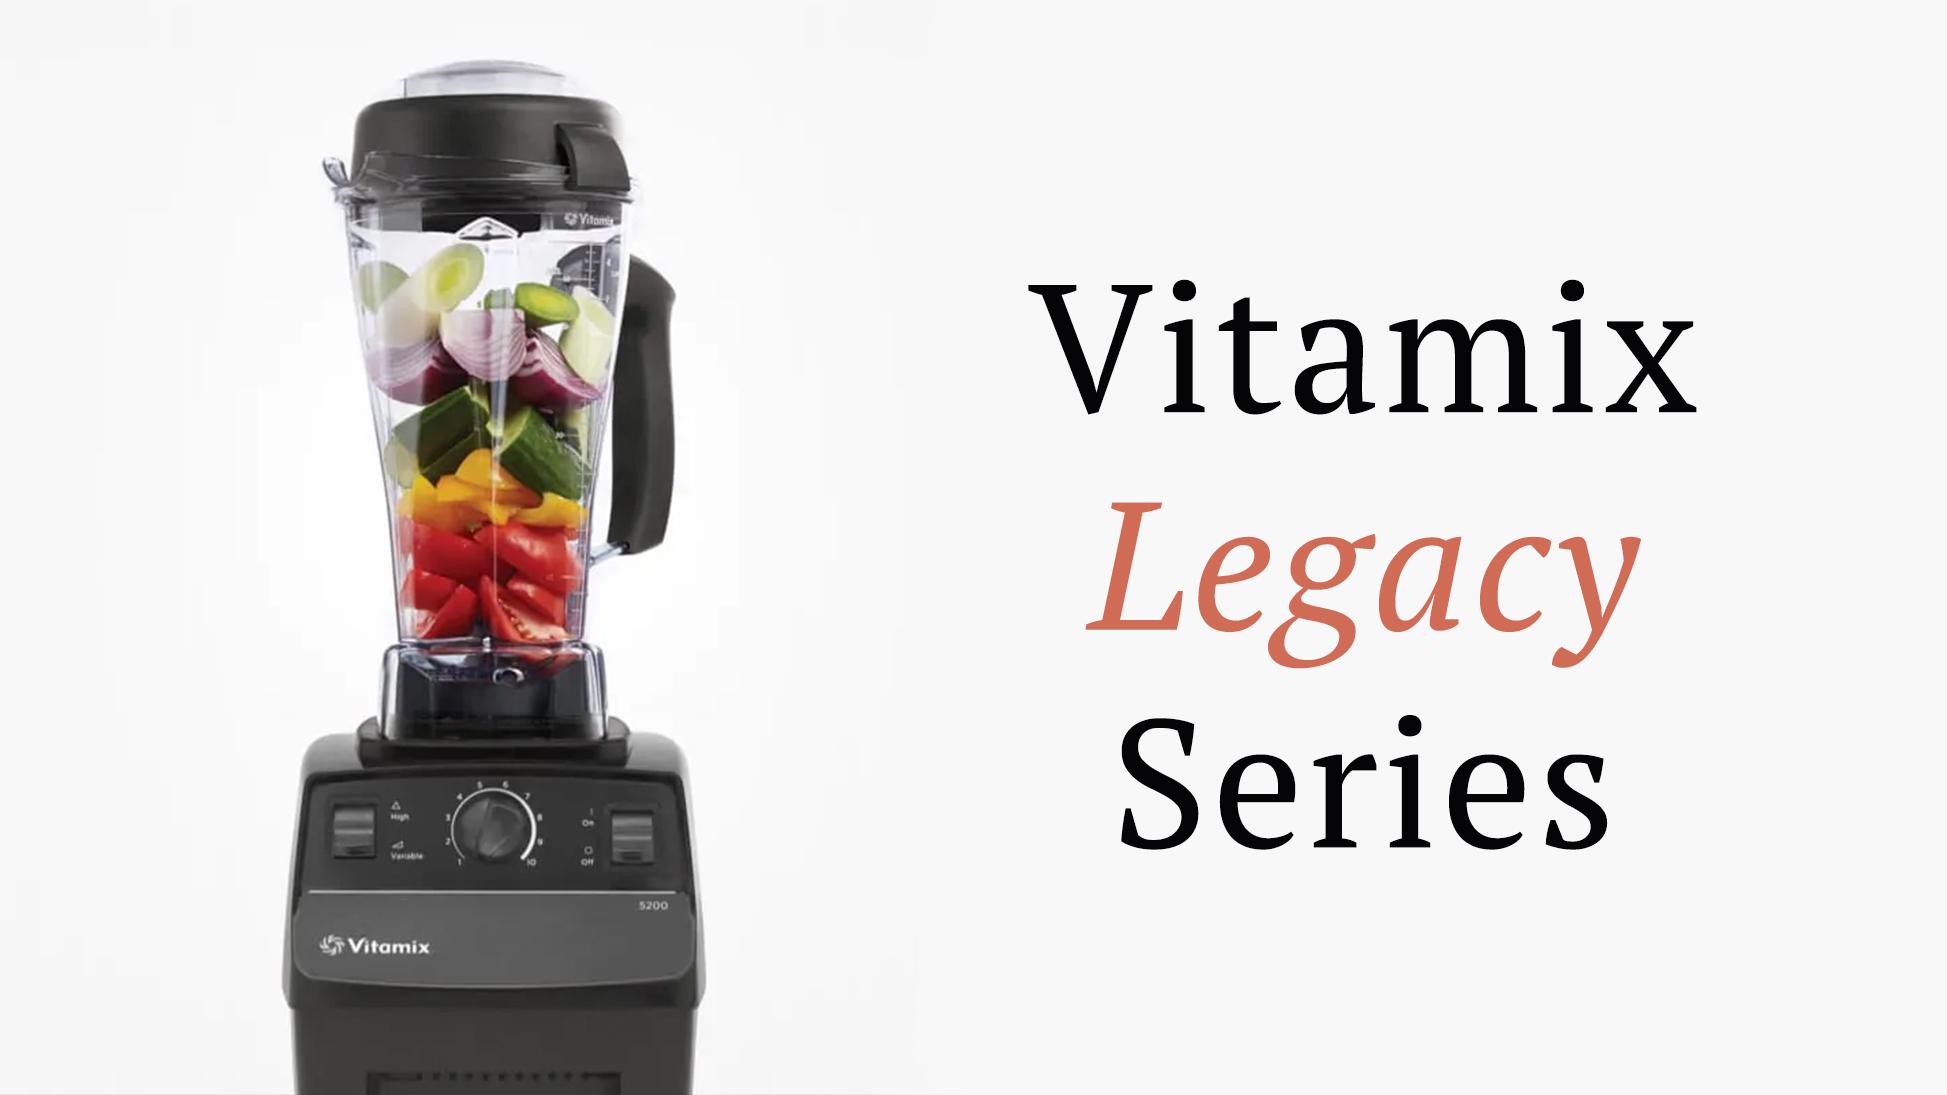 Vitamix legacy series deals